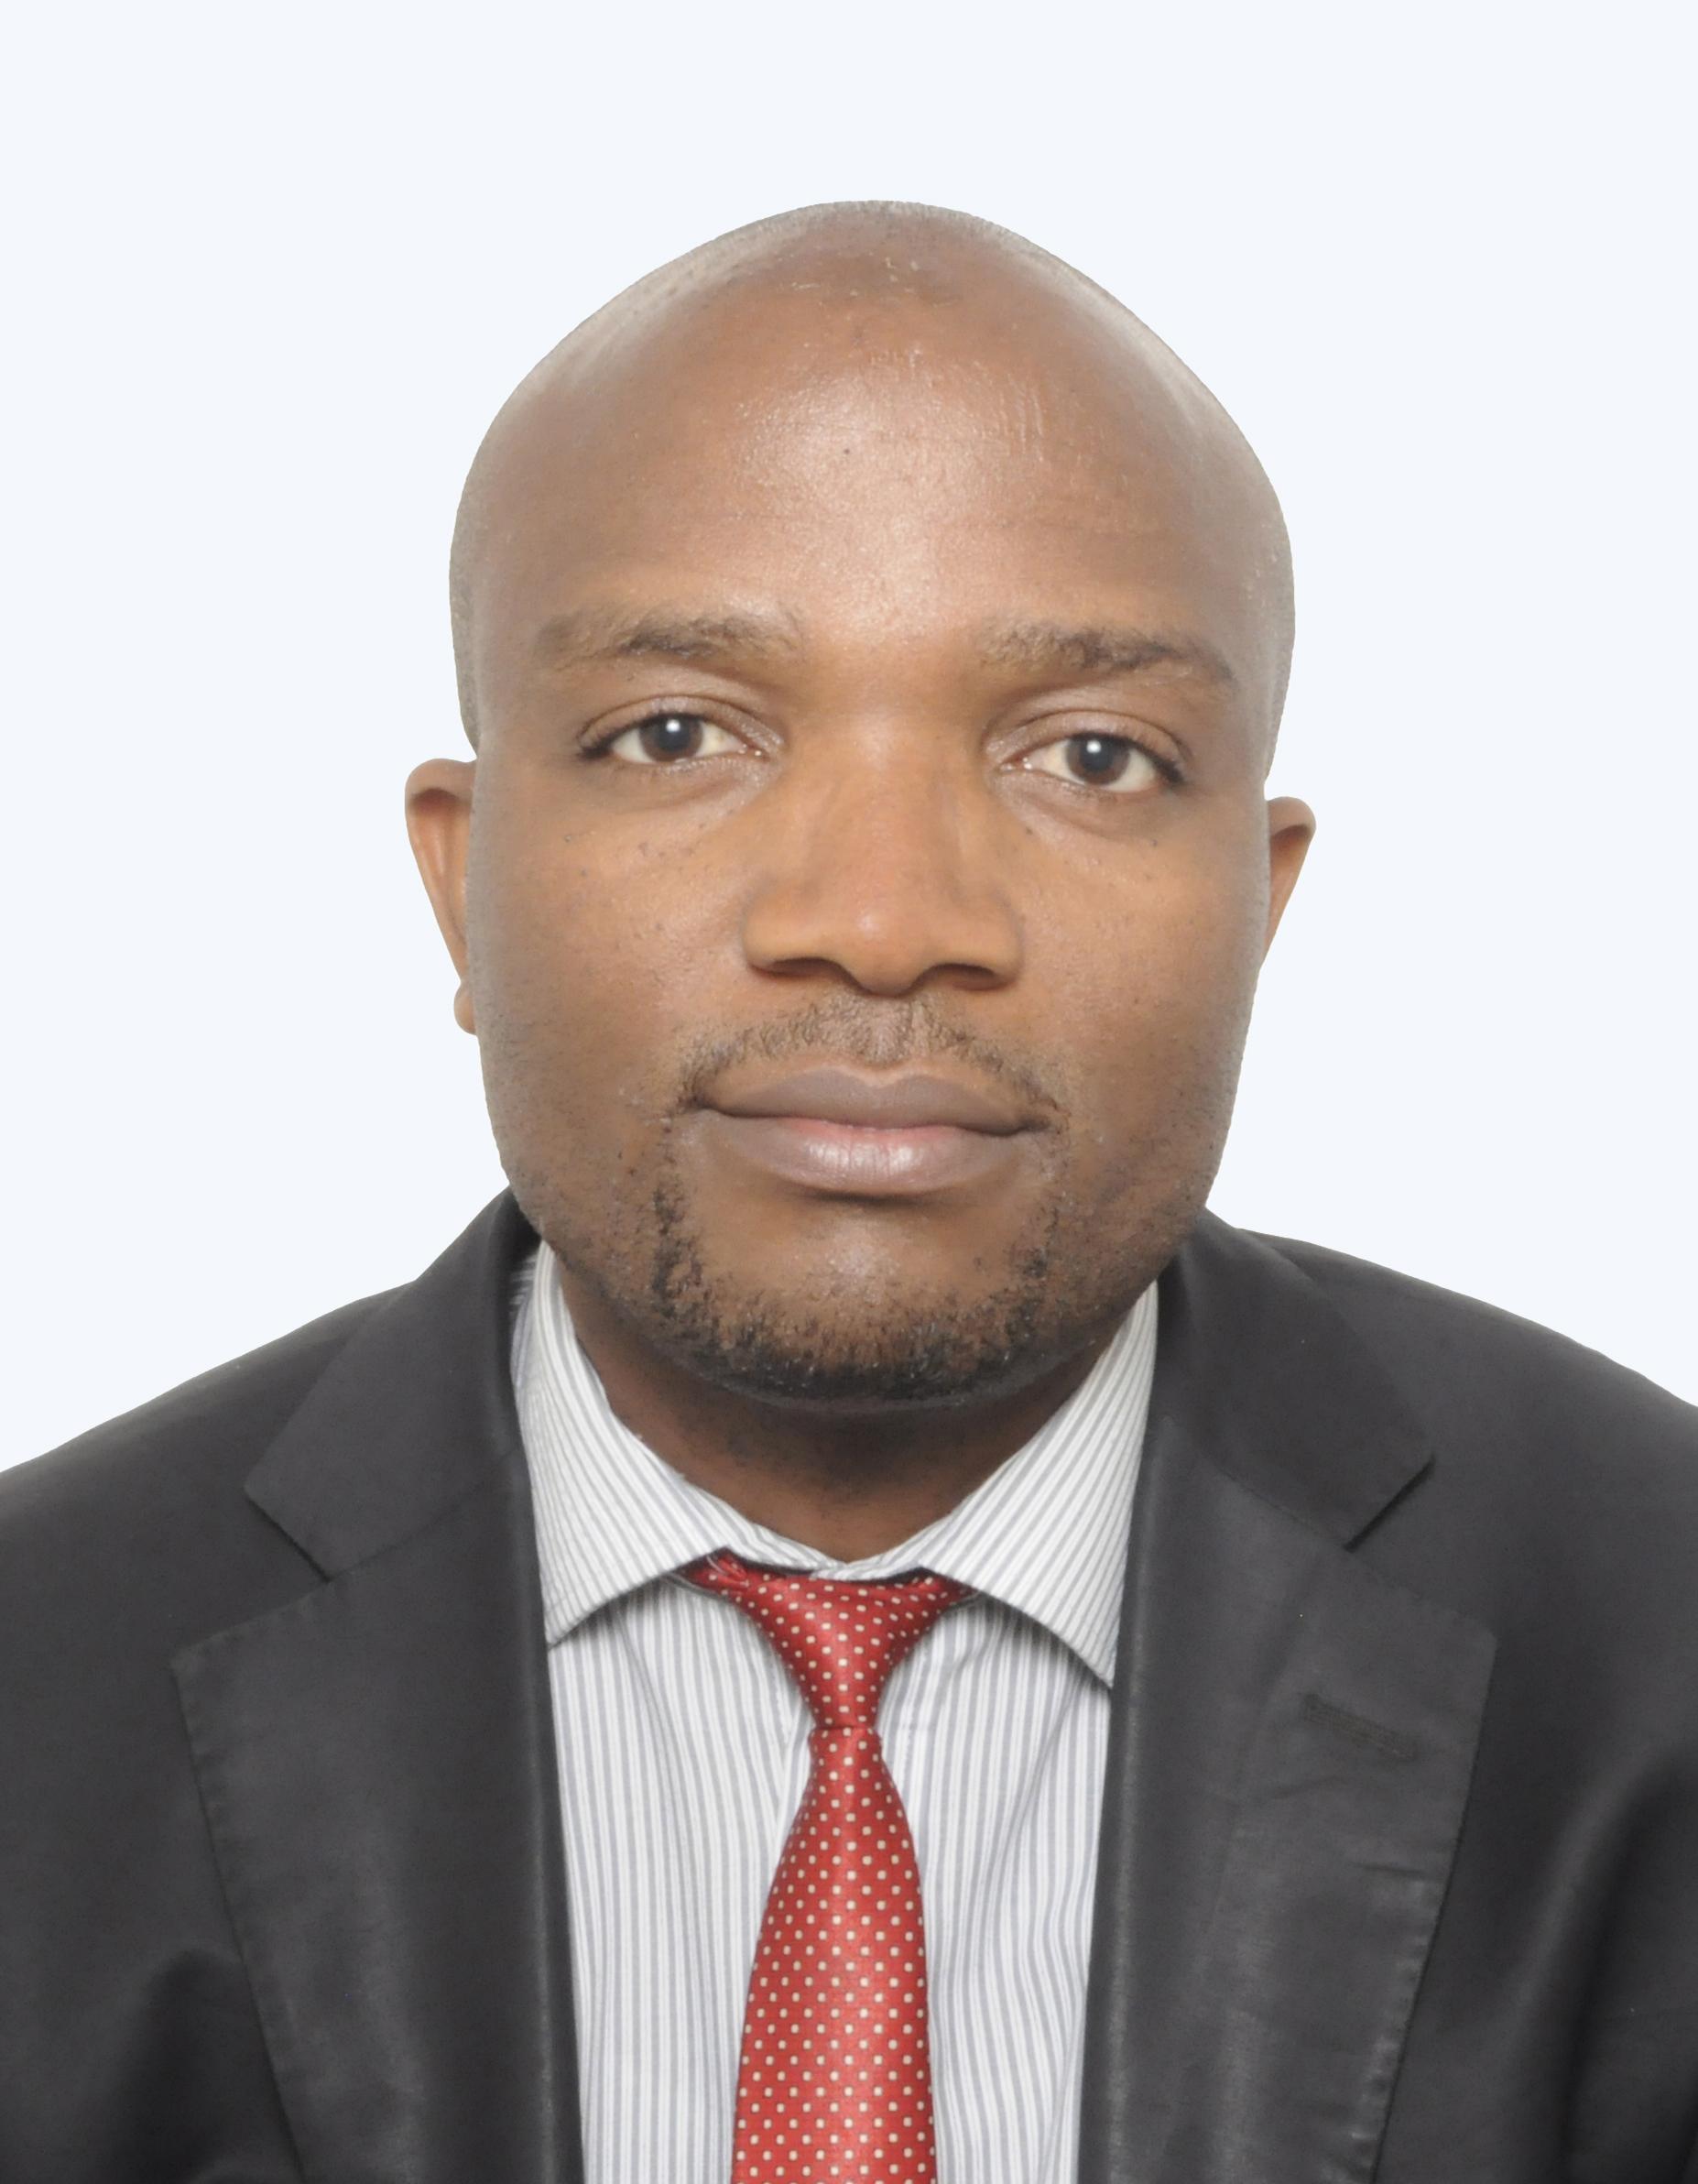 Ambwene mwakalobo